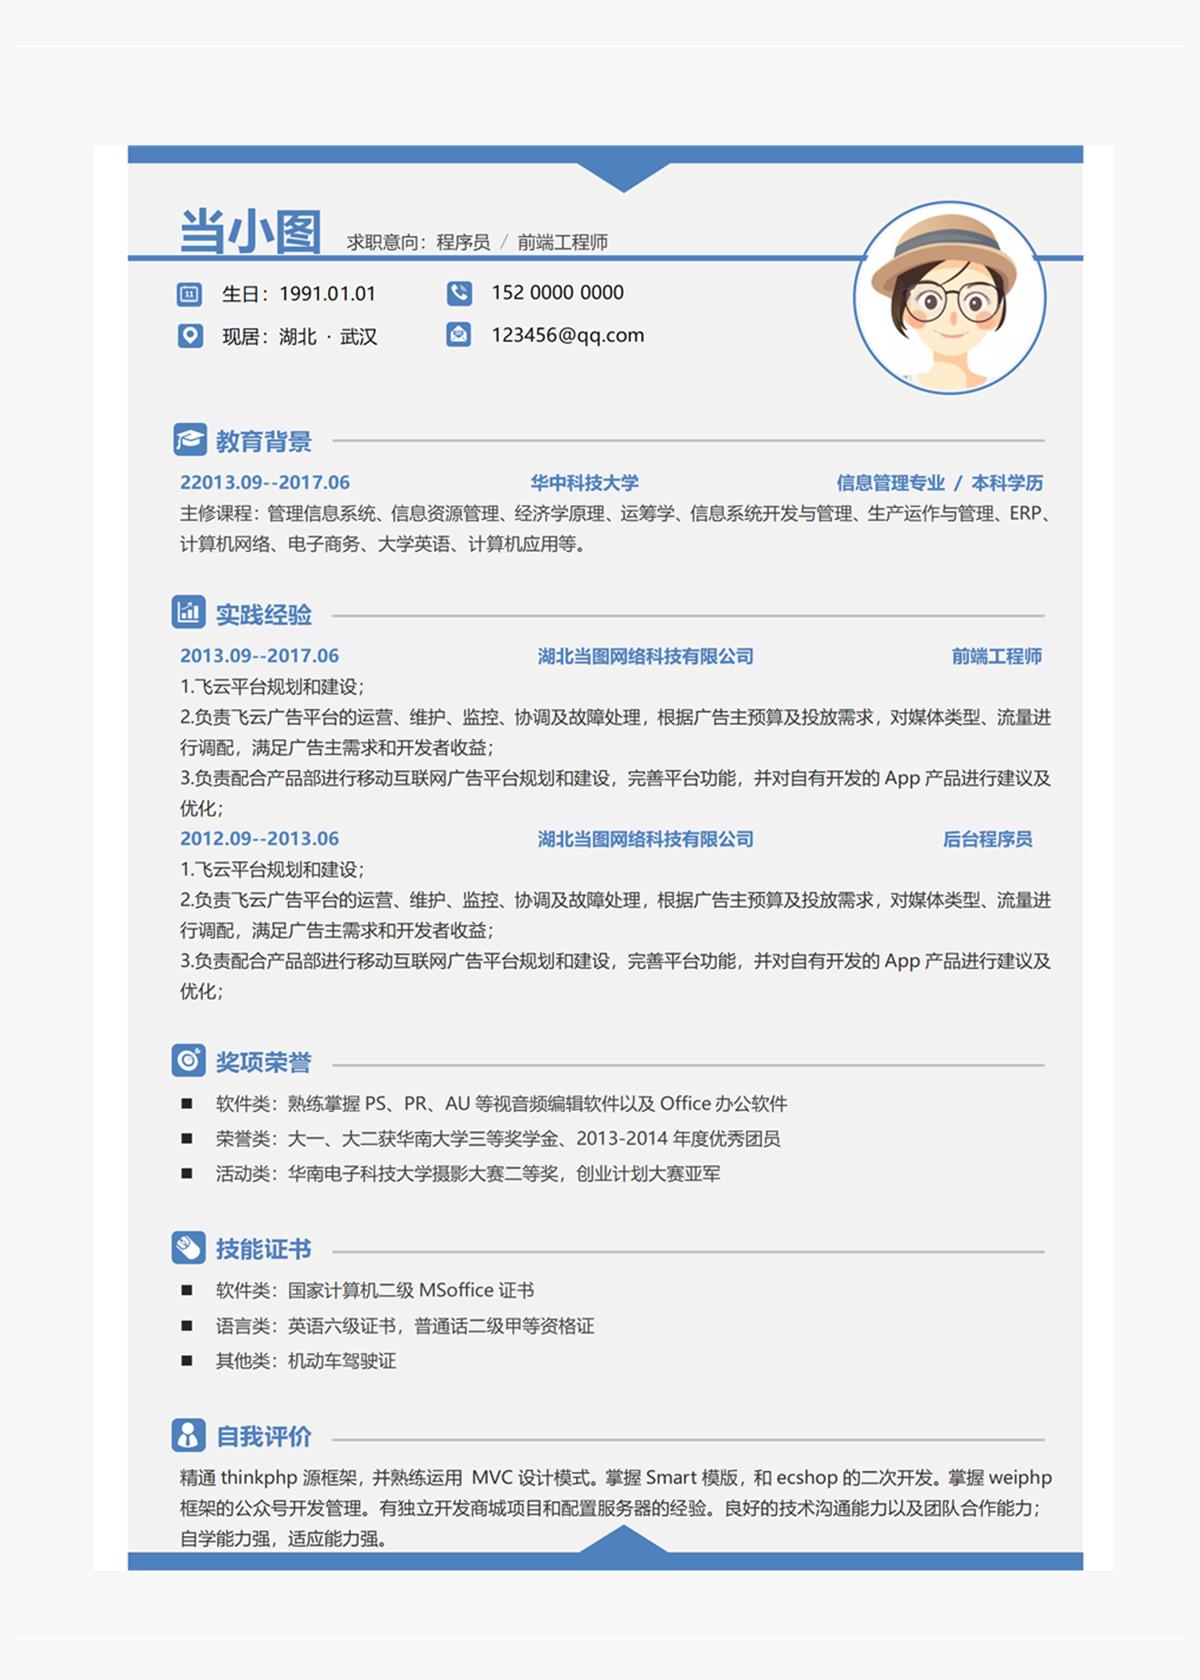 程序员前端工程师个人简历亚博体育主页